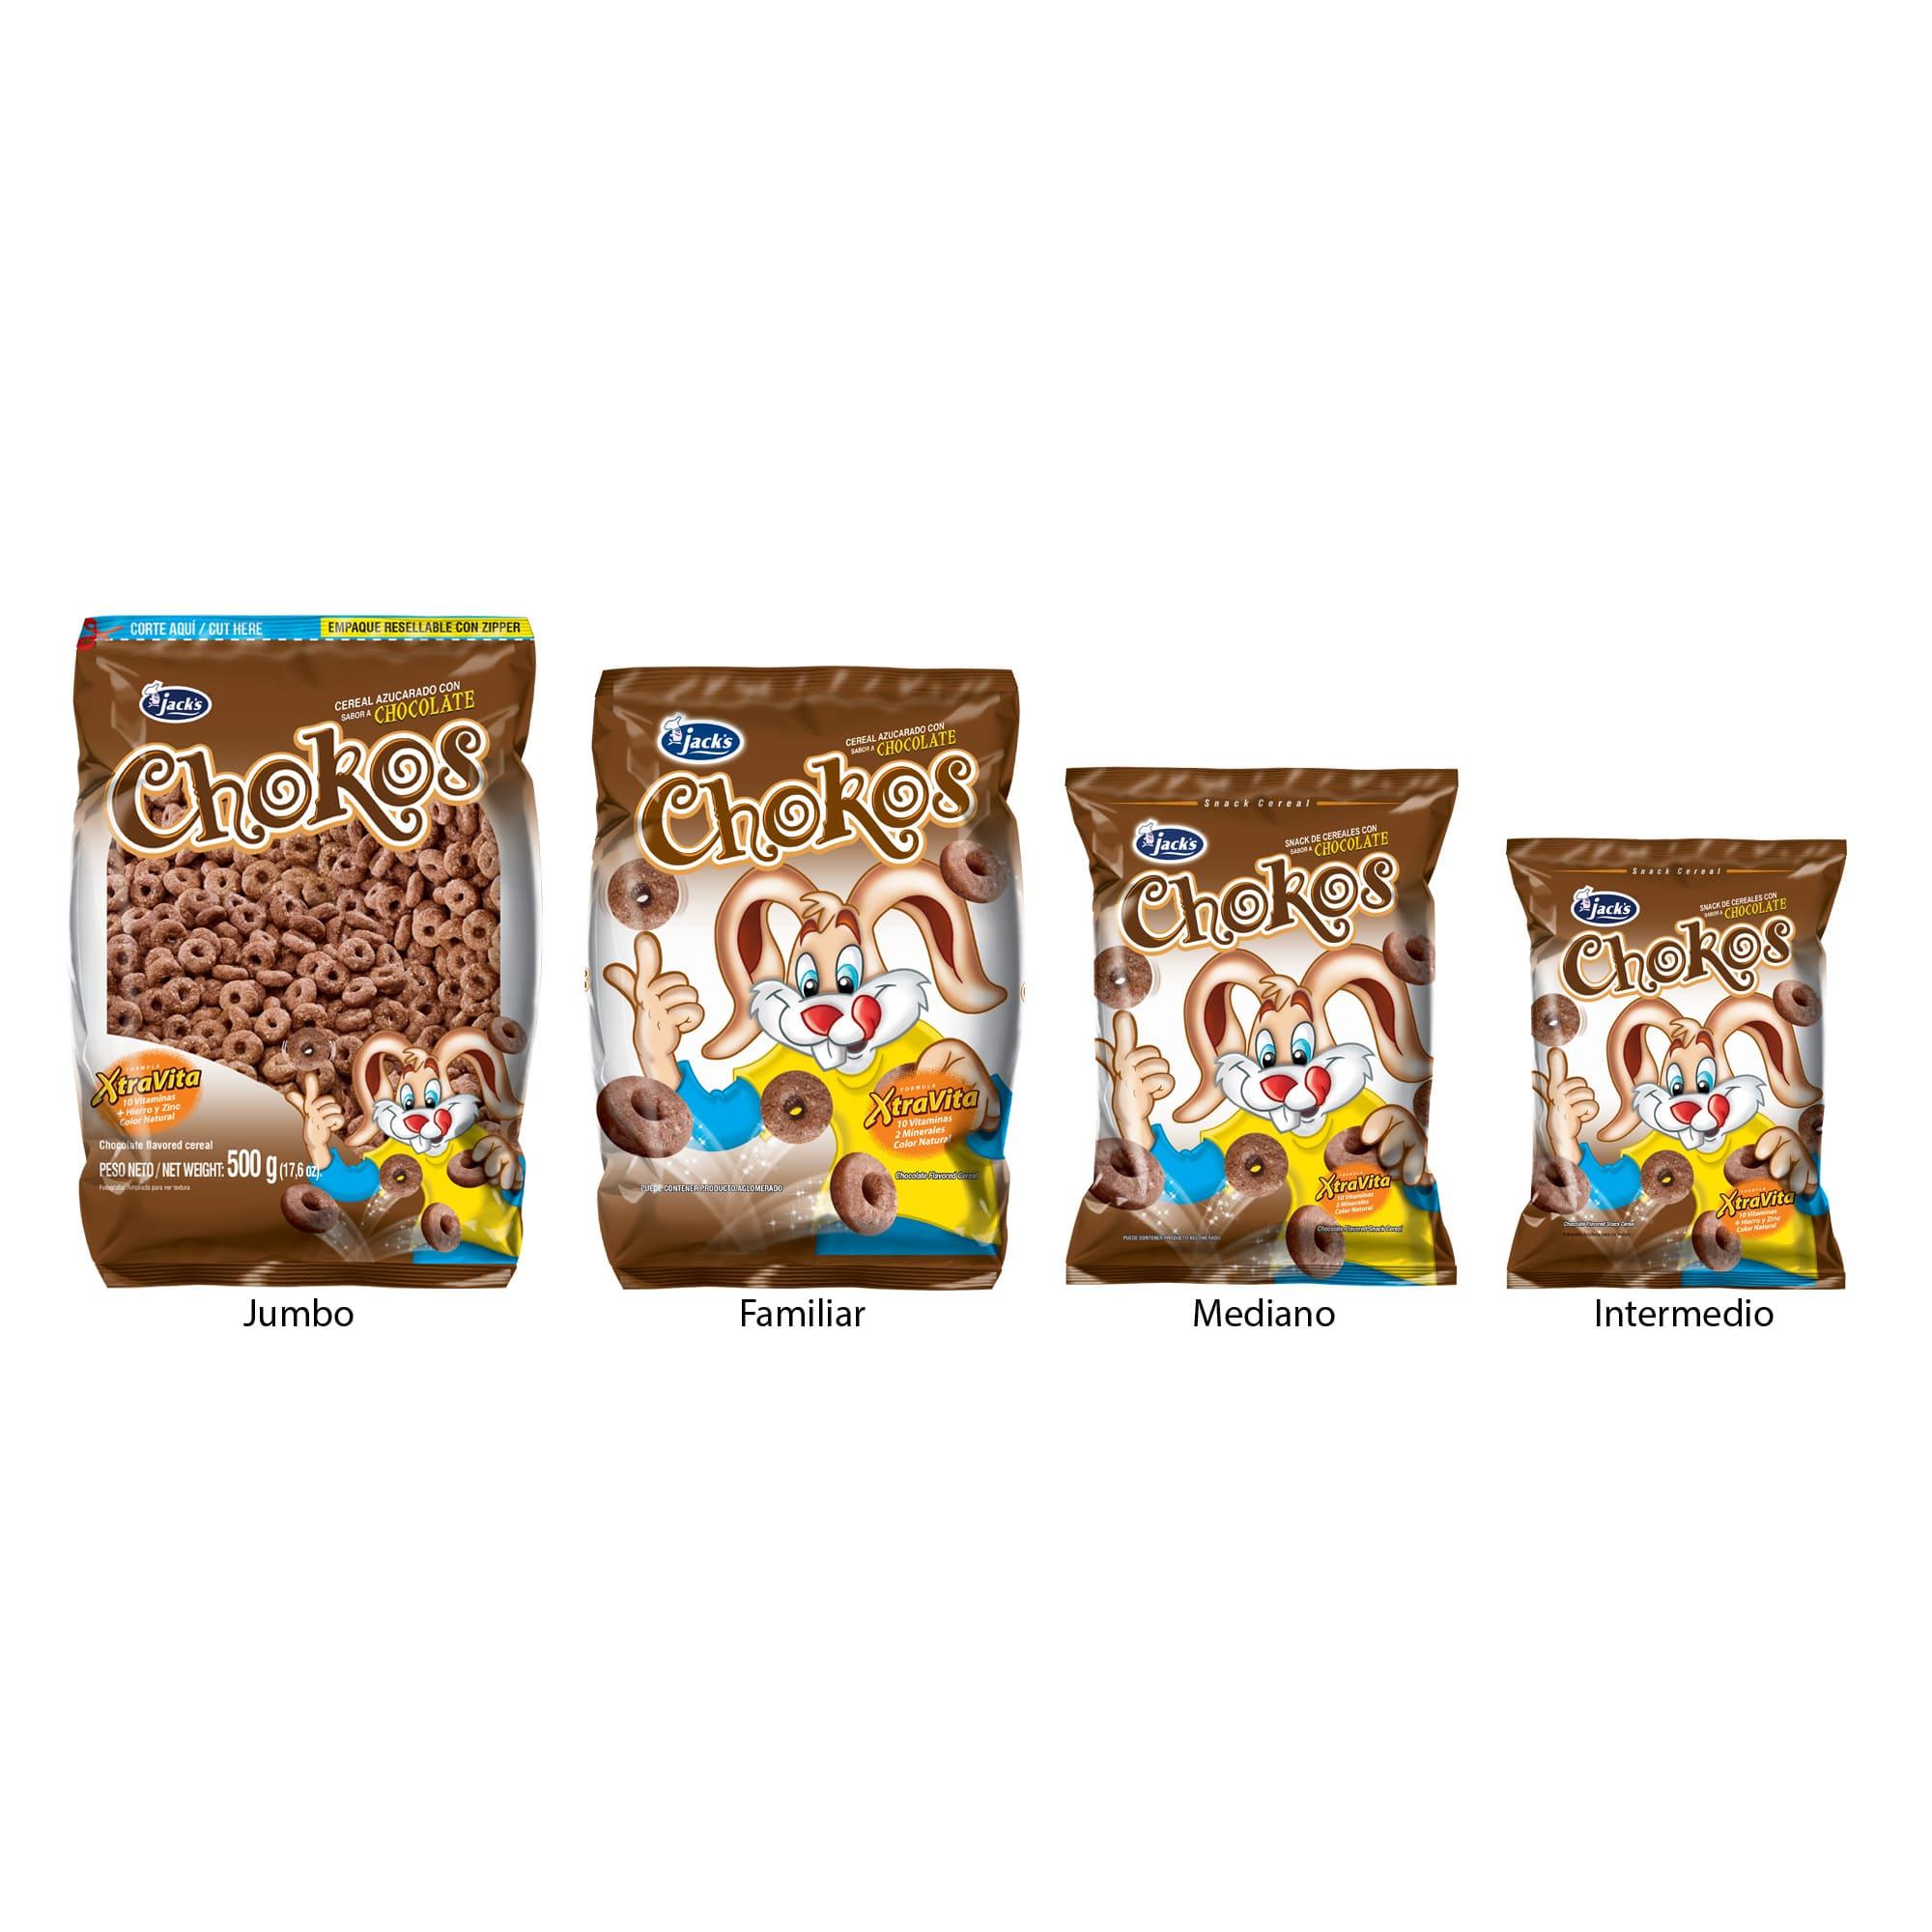 CHOKOS cereales presentac pag web